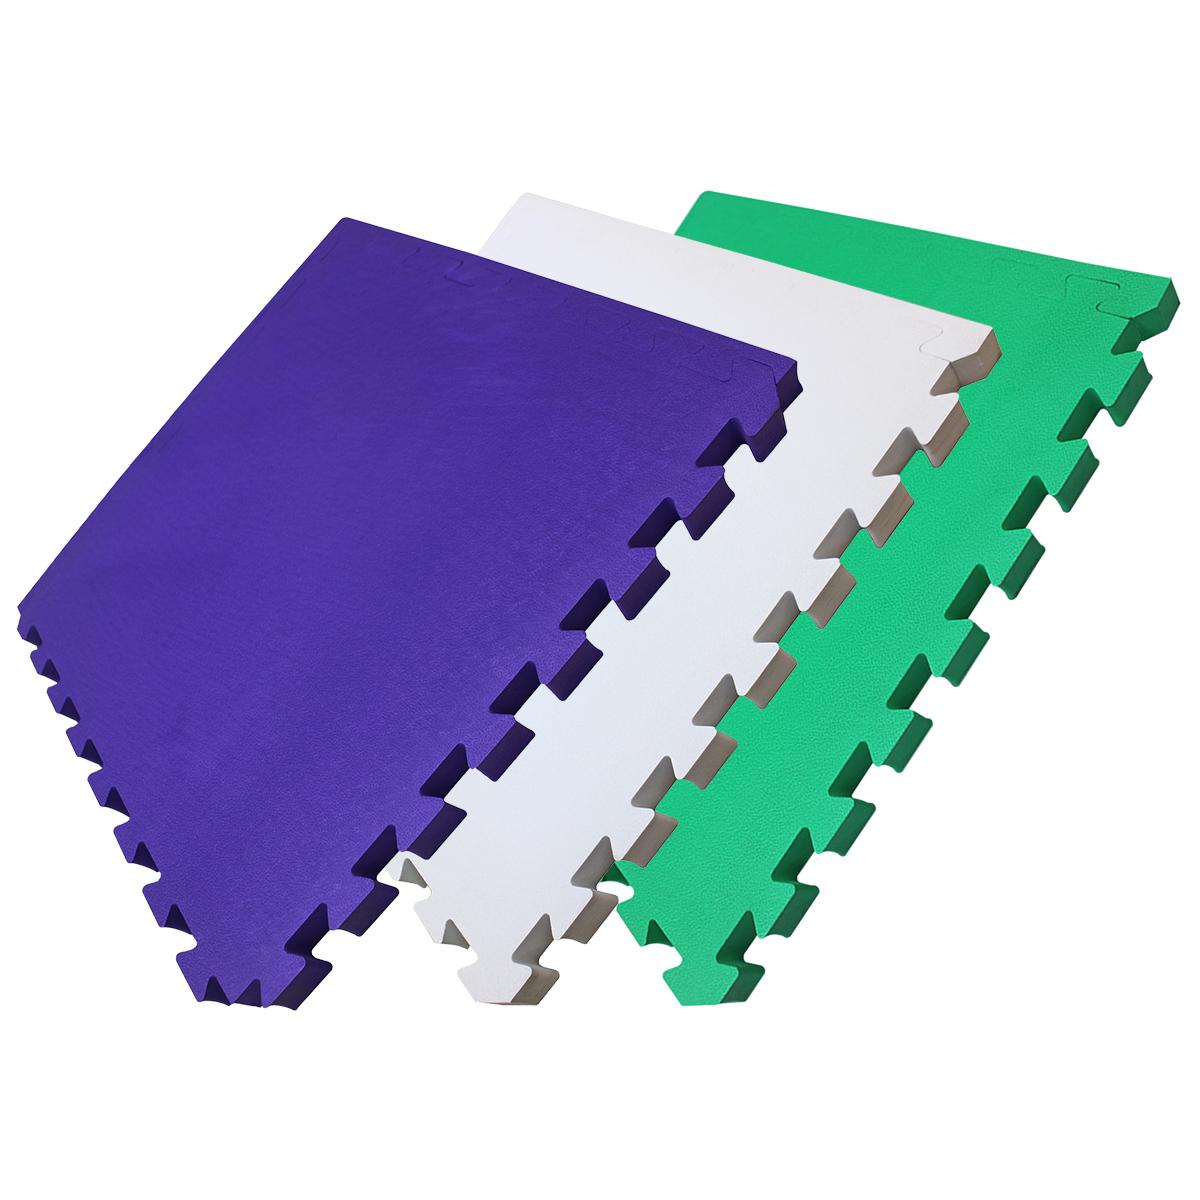 4Fighter Extrasoft Kinder-Spielmatte Puzzlematte Steckmatte 53 x 53 x 3cm